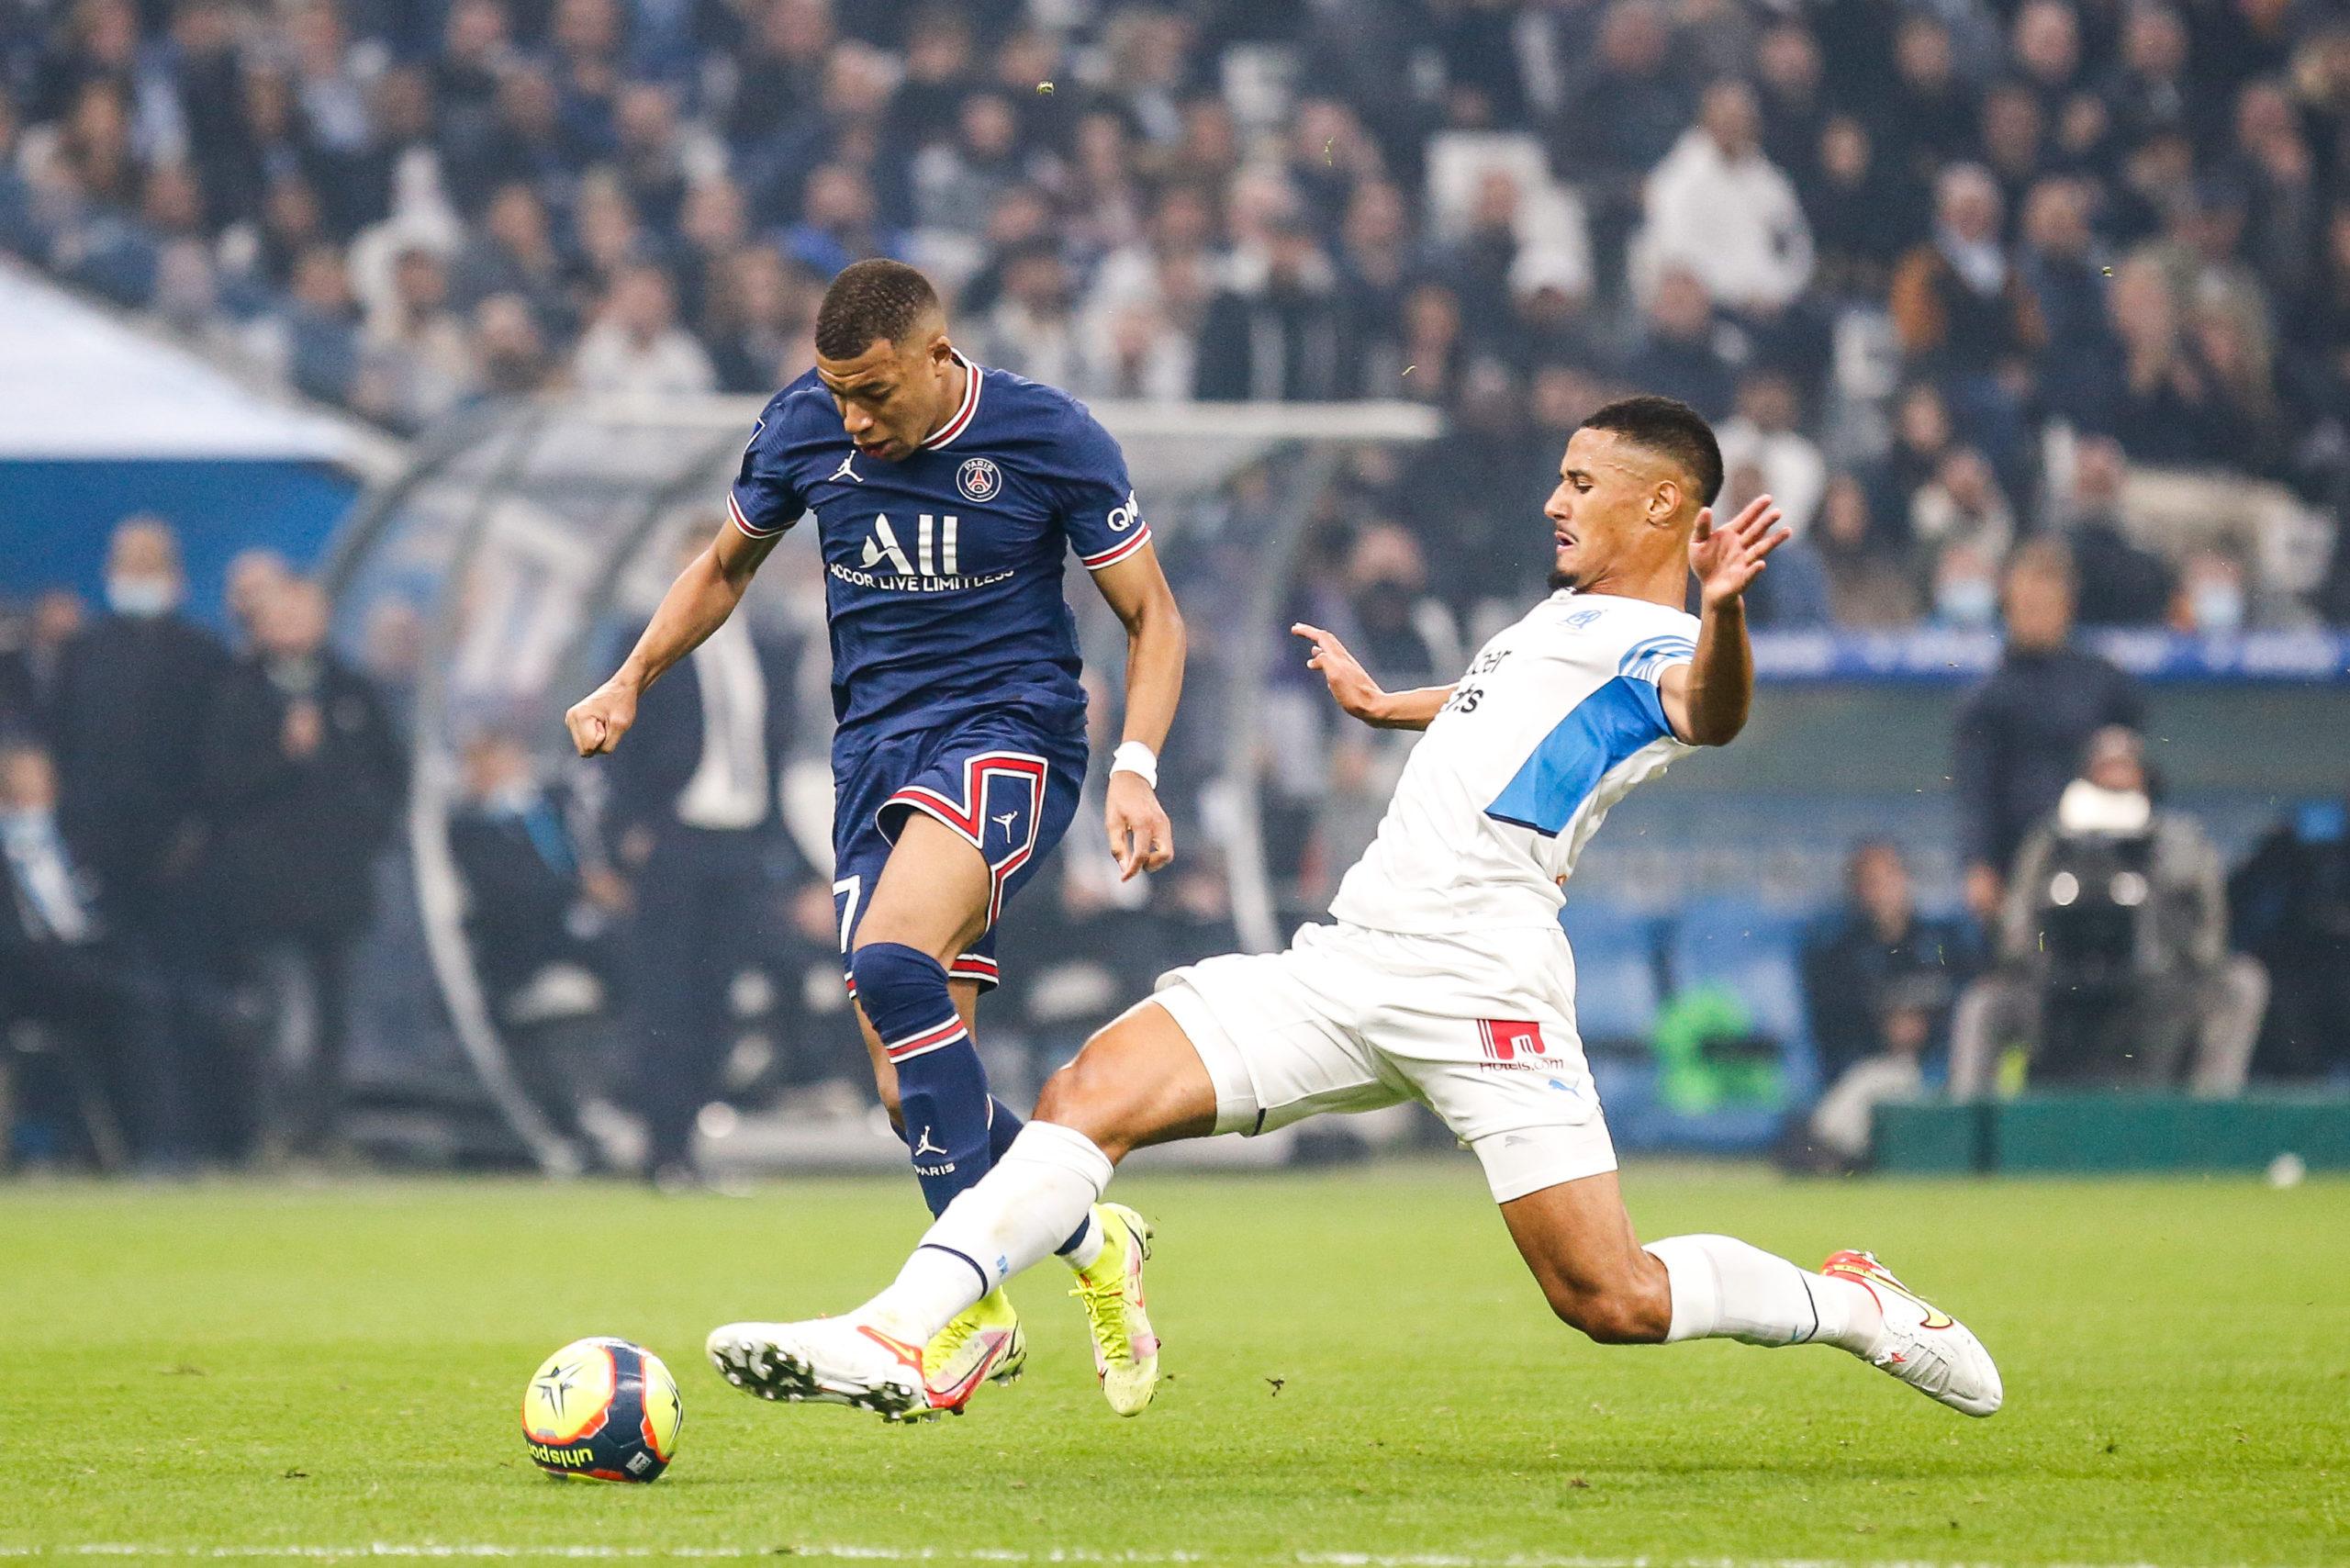 """OM/PSG (0-0) - Saliba : """"C'était le plus beau match de ma carrière"""""""